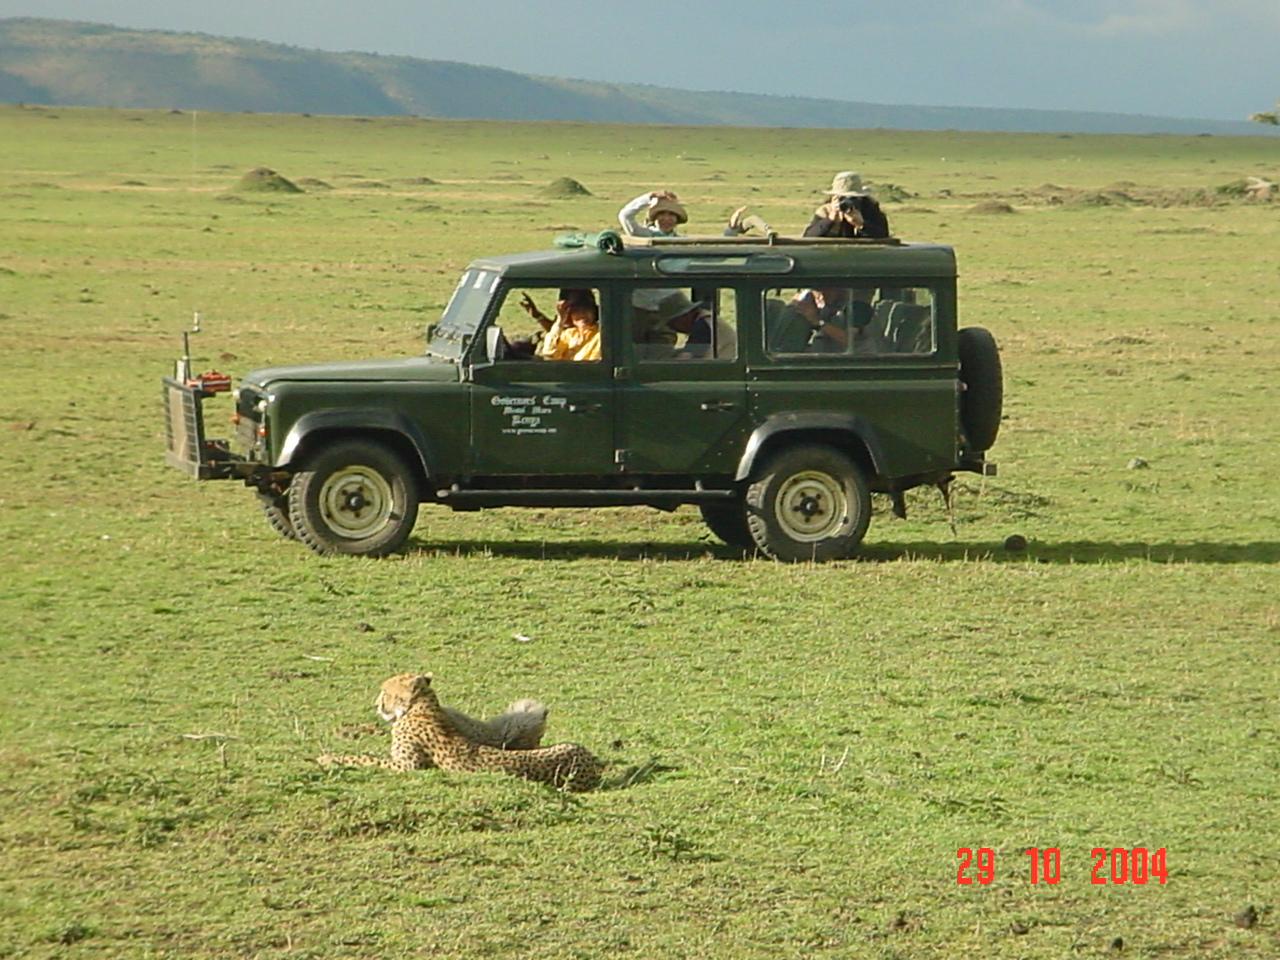 serengeti szafari: afrikai szafari pihenéssel